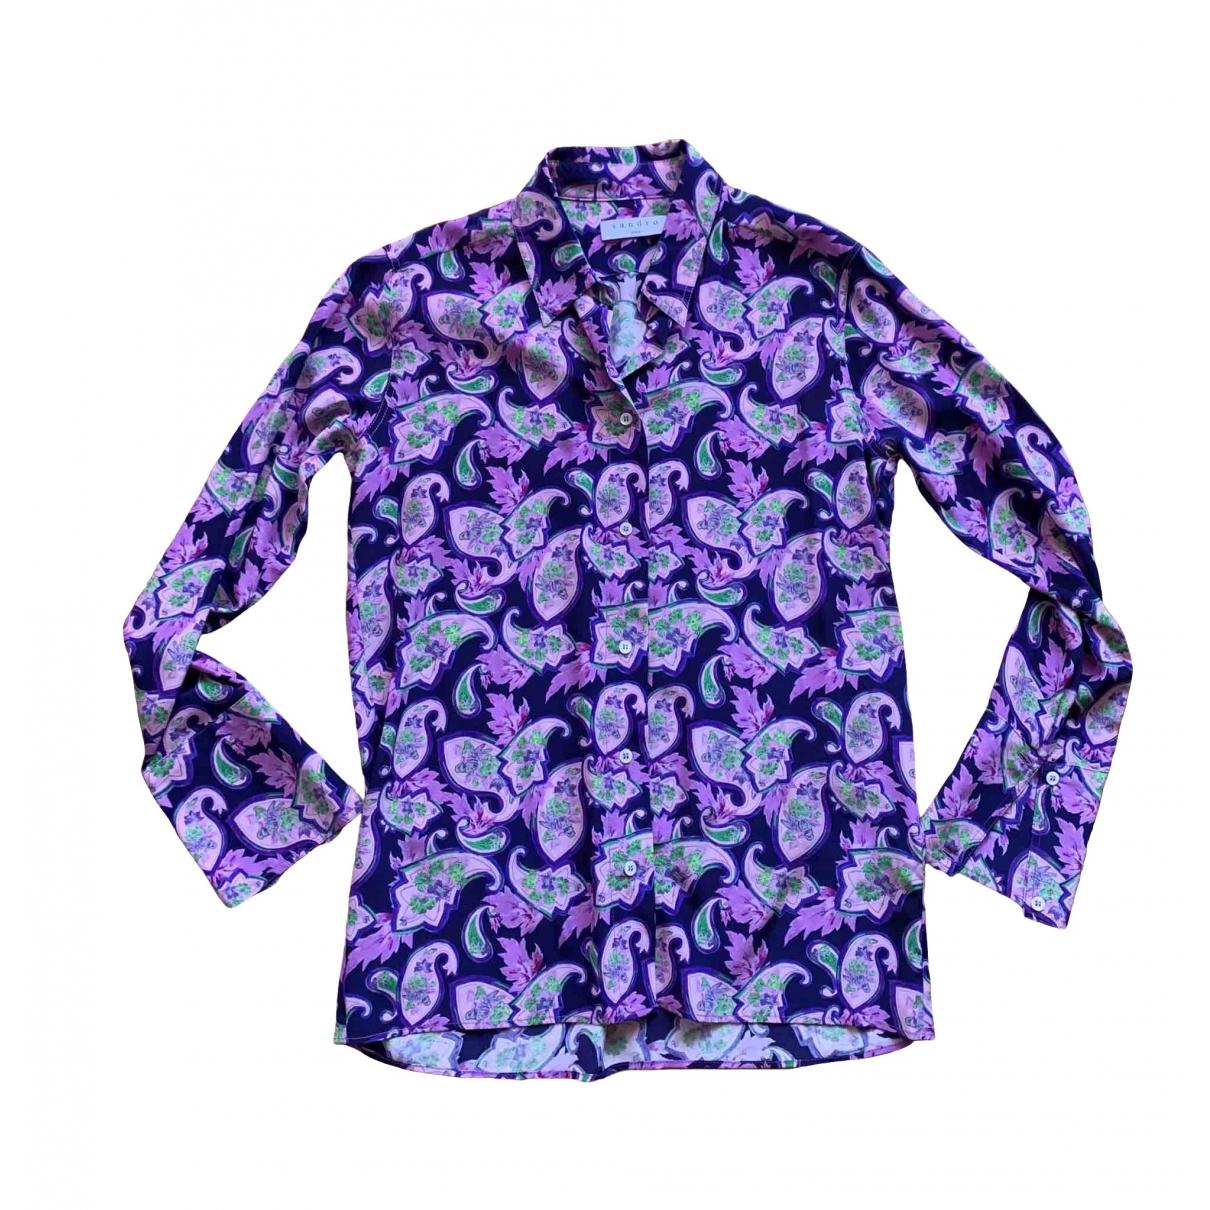 Sandro - Top Spring Summer 2019 pour femme en soie - violet